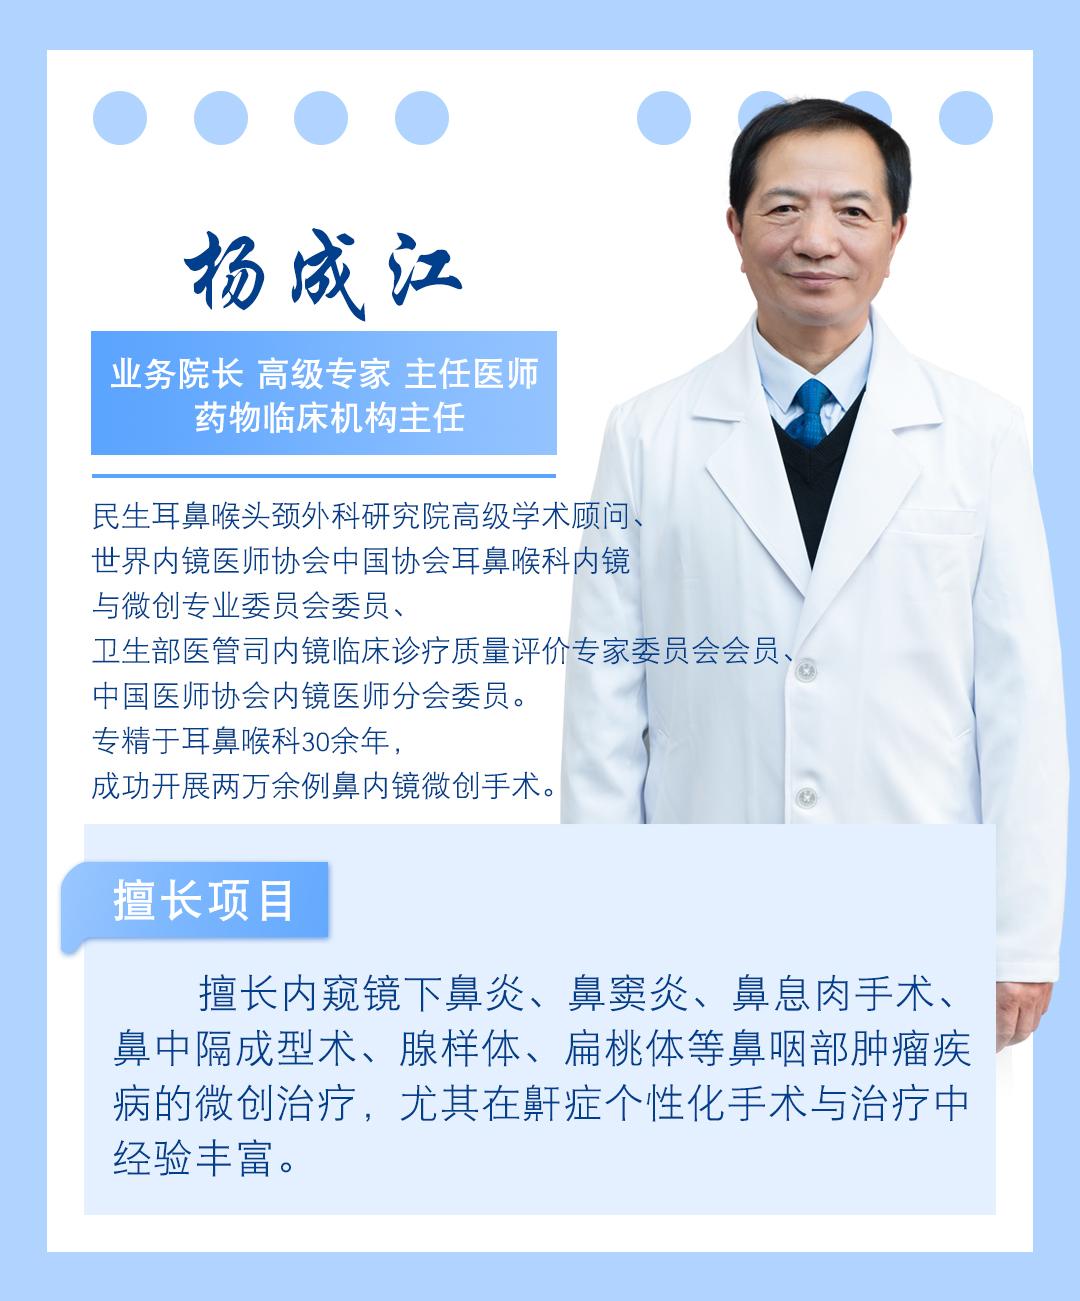 武汉民生耳鼻喉医院杨成江教授谈小儿中耳炎的预防保健和治疗